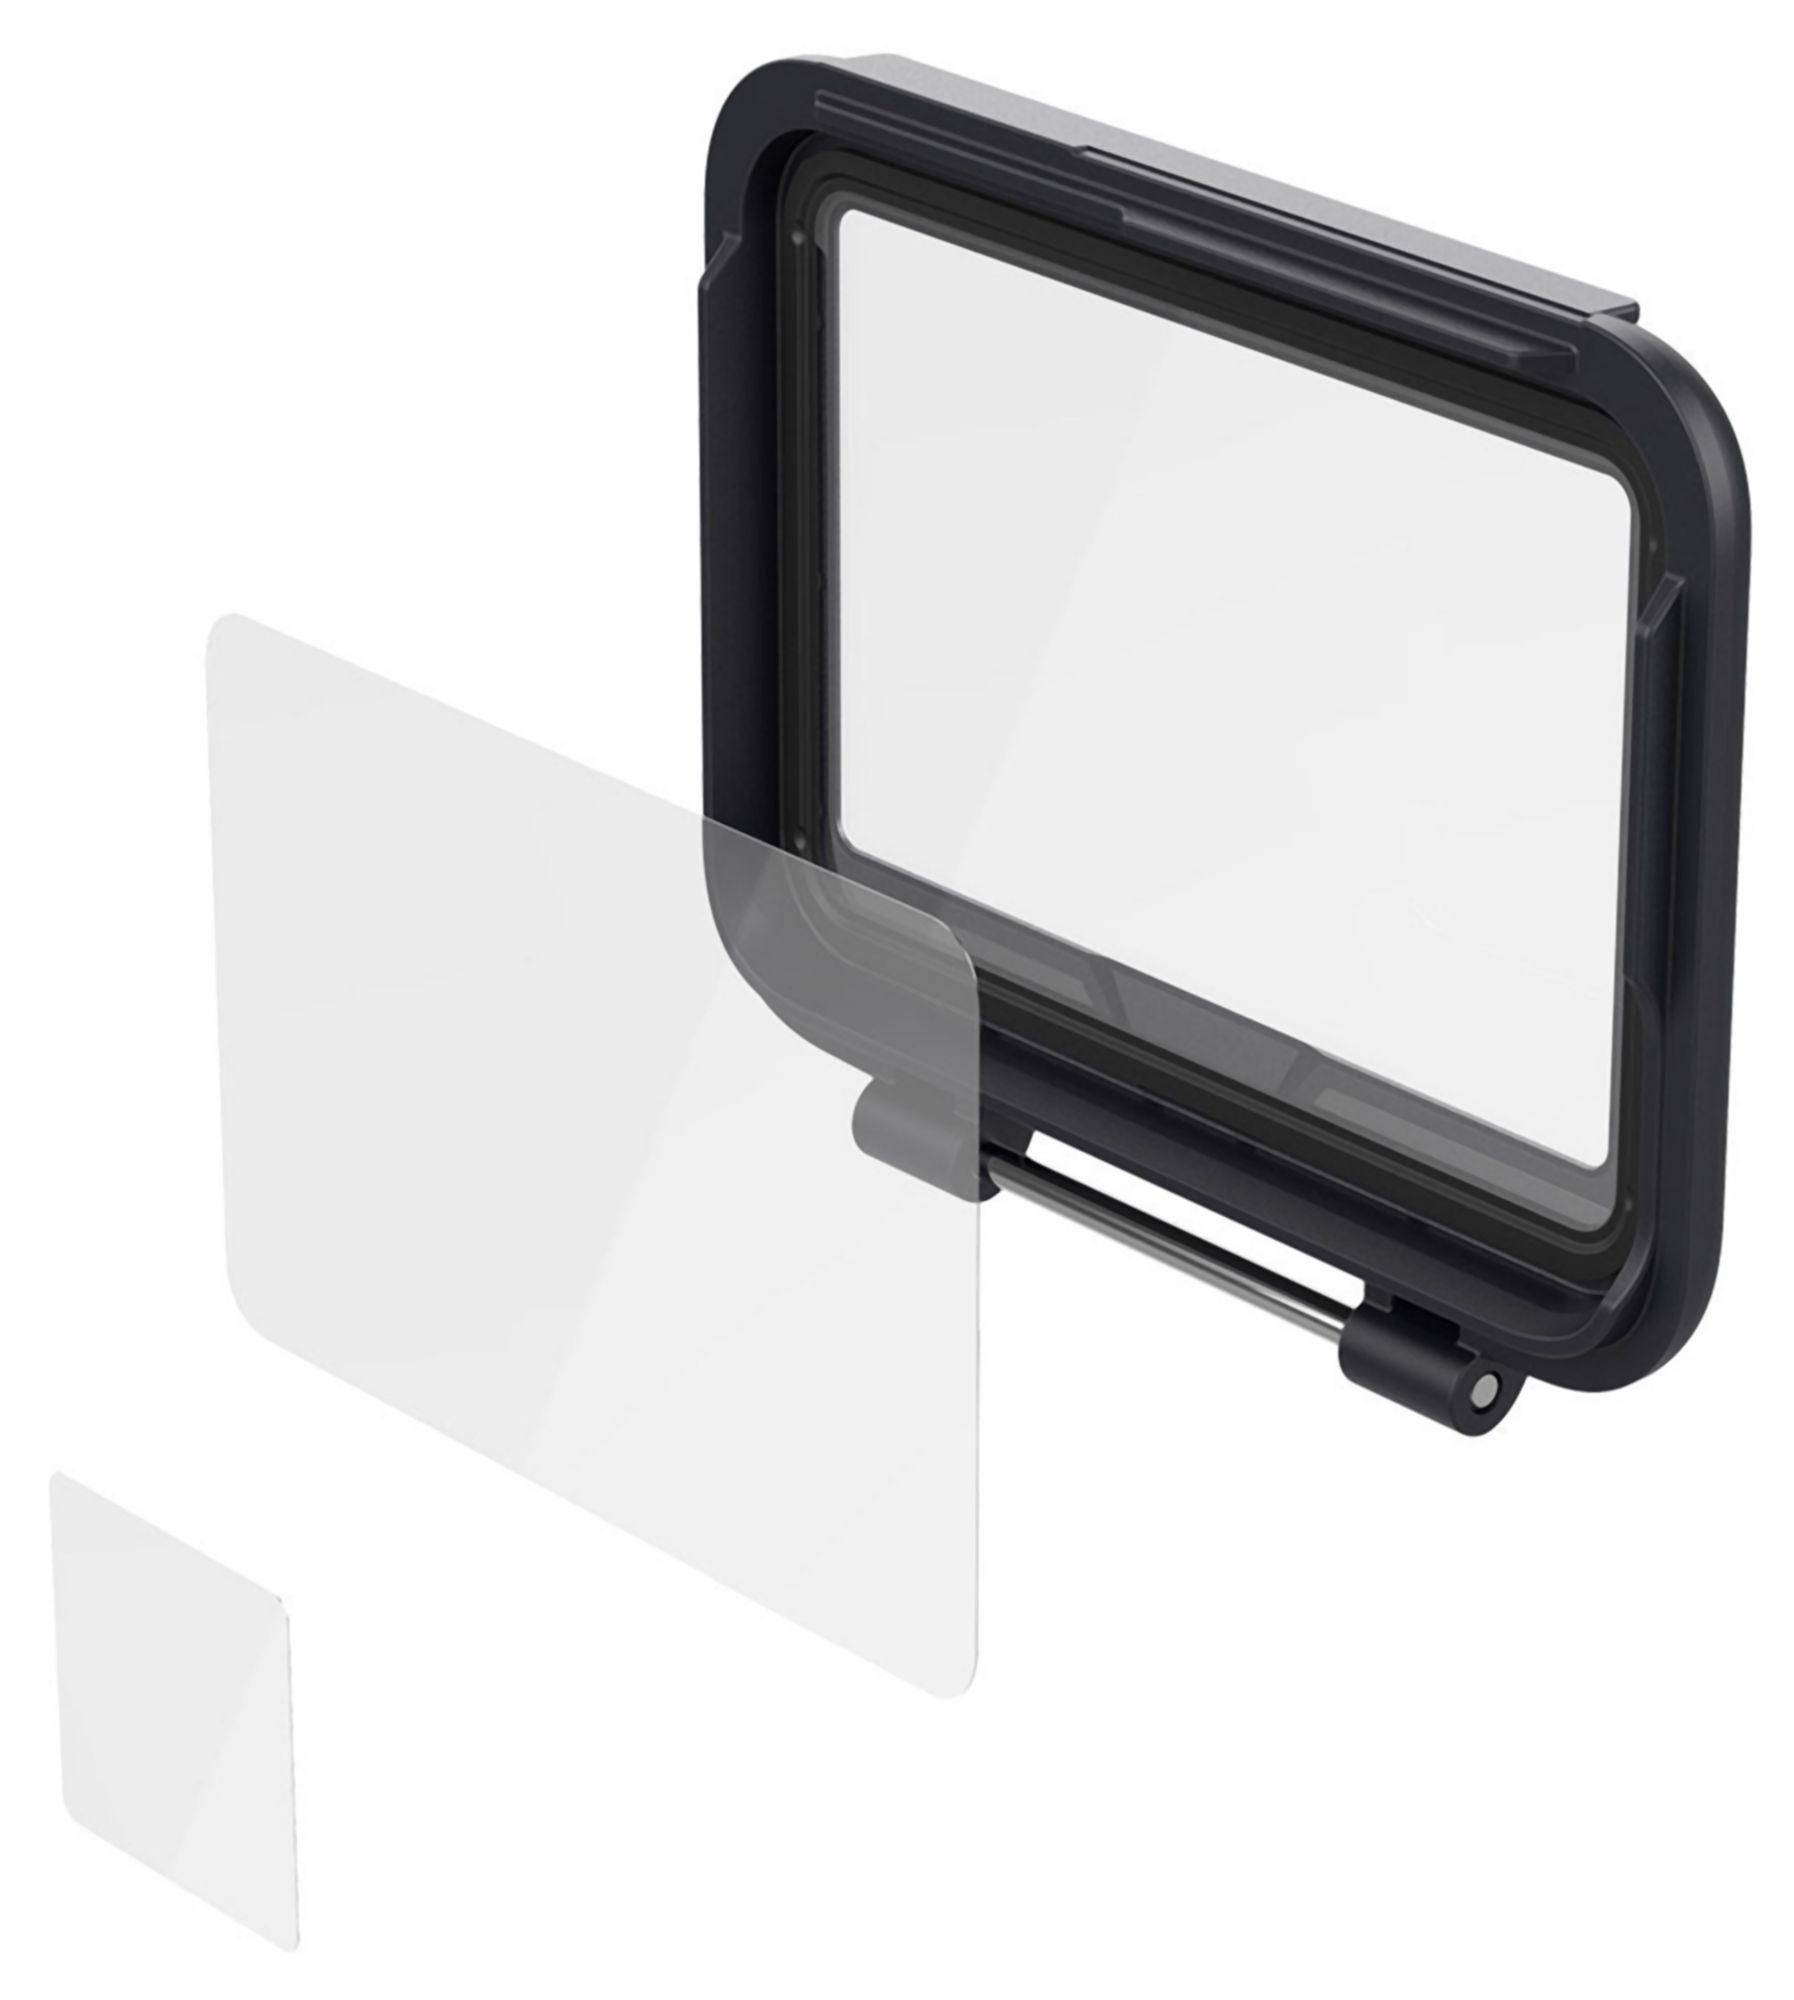 GOPRO GoPro Displayschutzfolien (HERO5 Black)